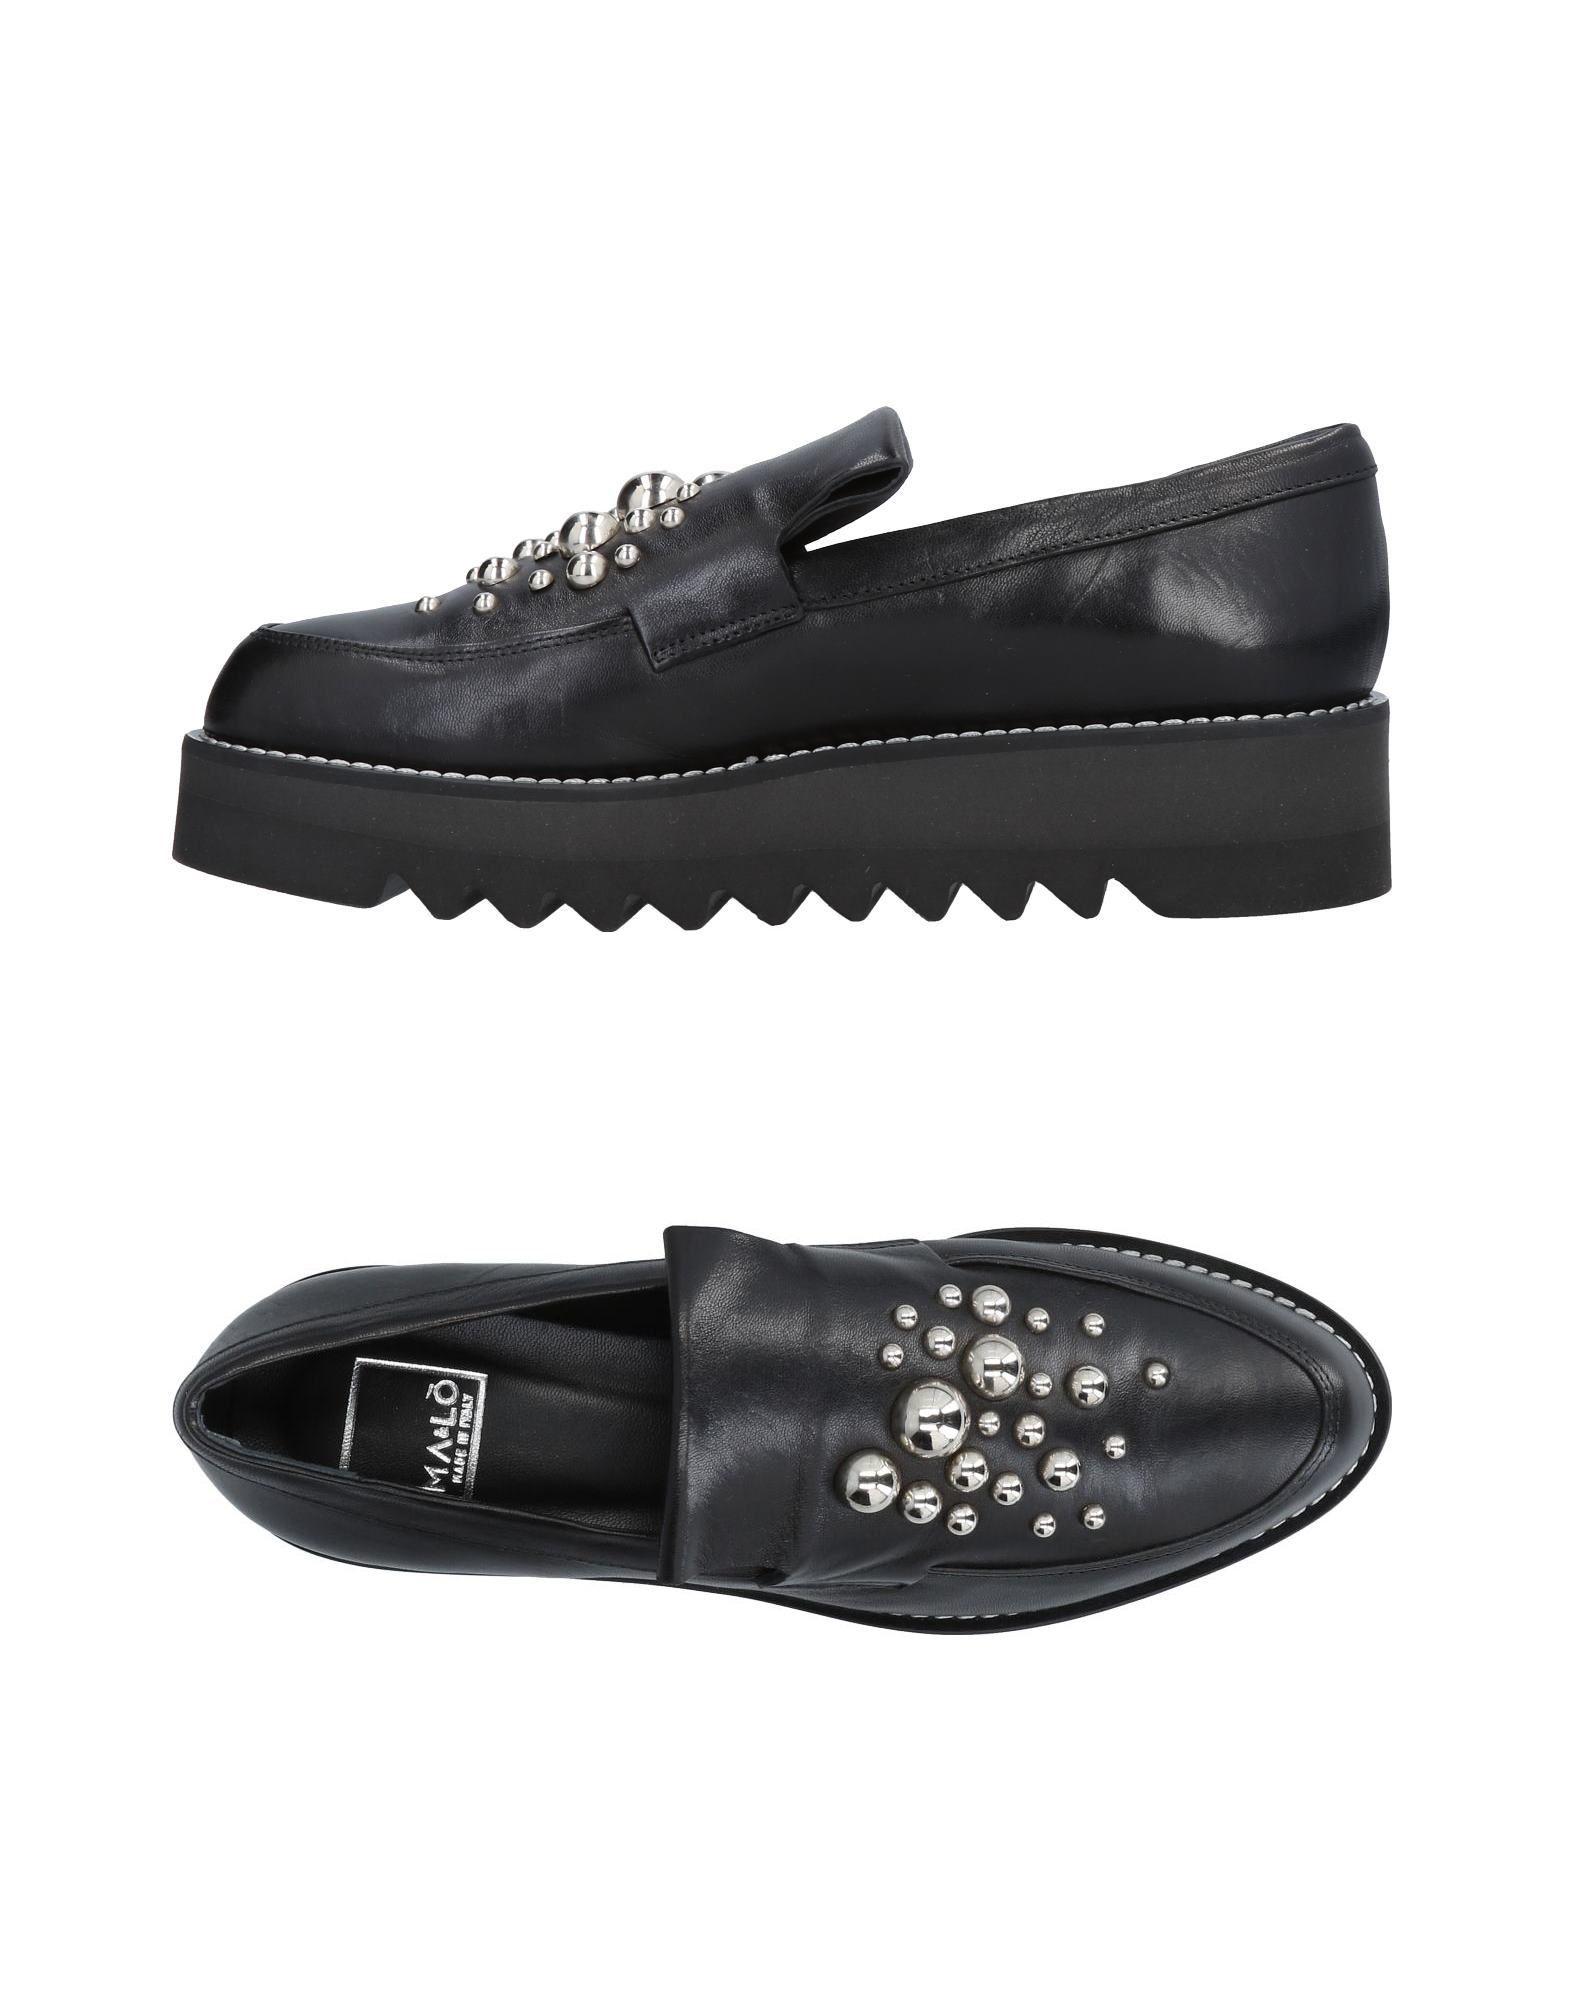 MA & LO' Мокасины мокасины прогулочная обувь ecco biom terrain lo gtx 823544 55634